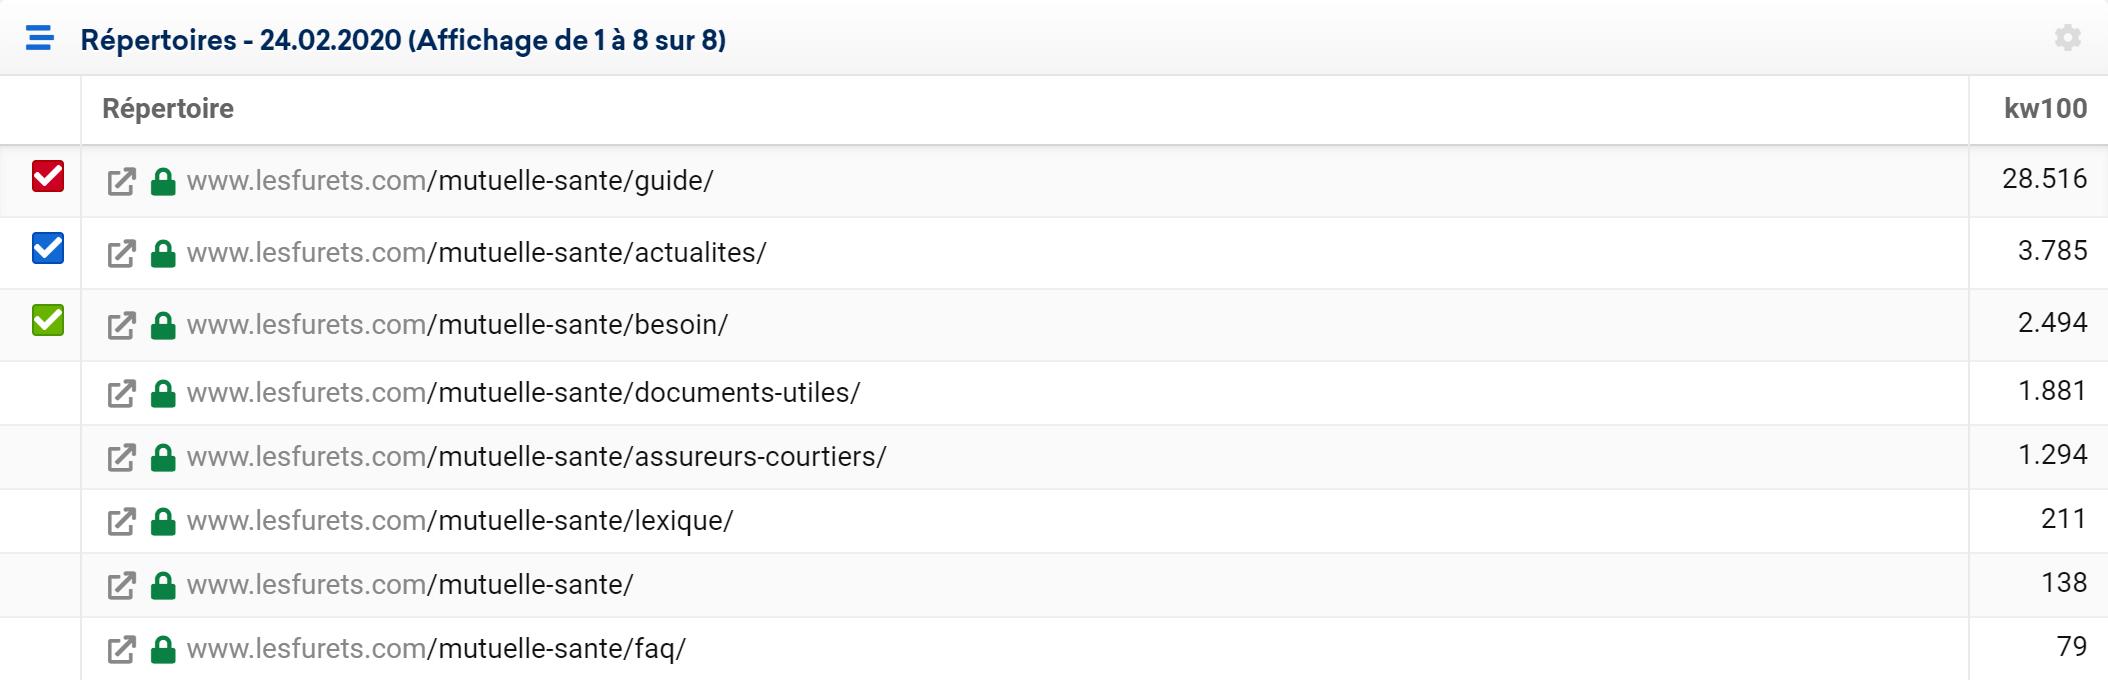 Sous-répertoires du répertoire mutuelle-santé de lesfurets.com